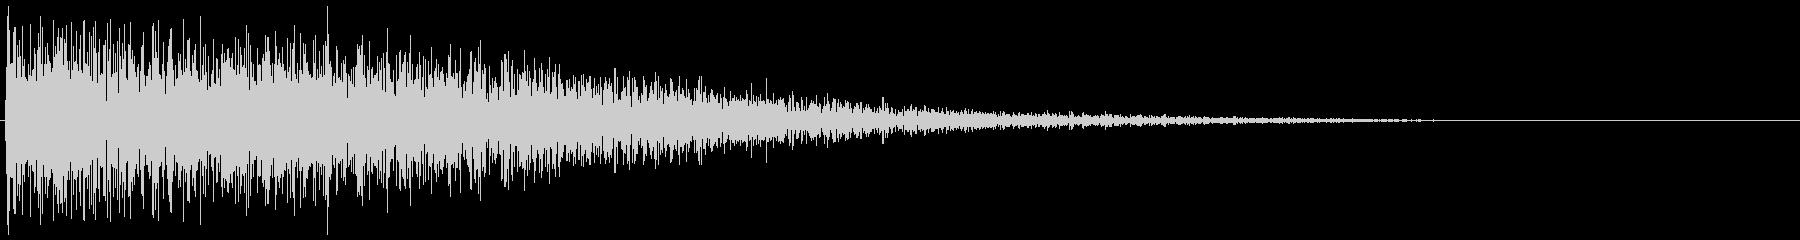 昭和の特撮にありそうな衝撃音(パーン)の未再生の波形